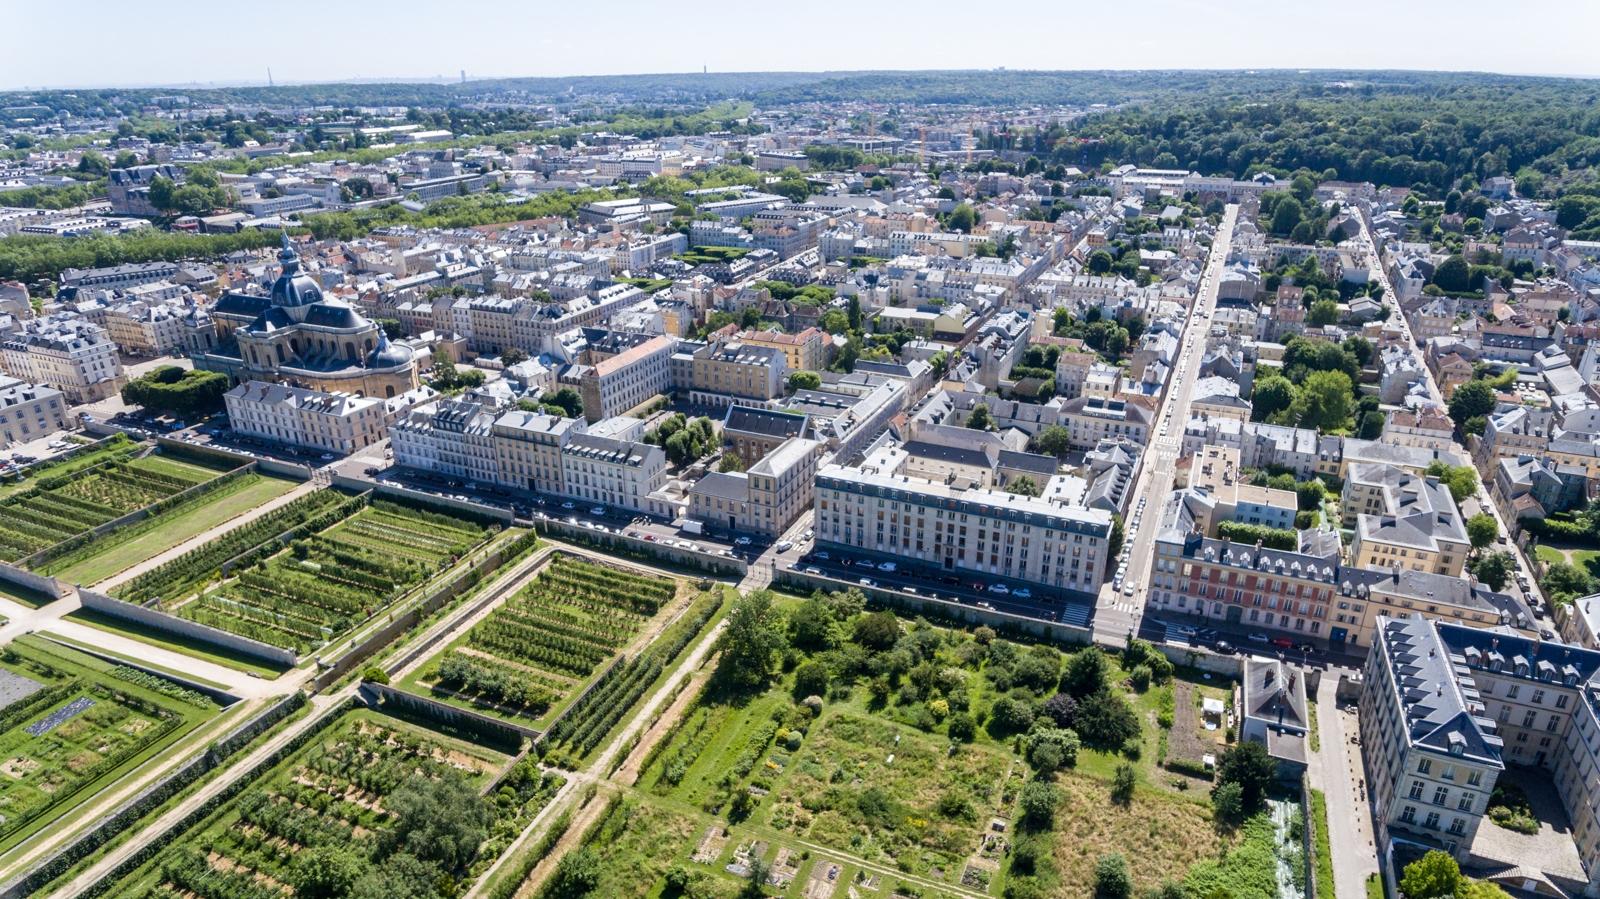 Versailles aérien - Saint-Louis / Potager du Roi